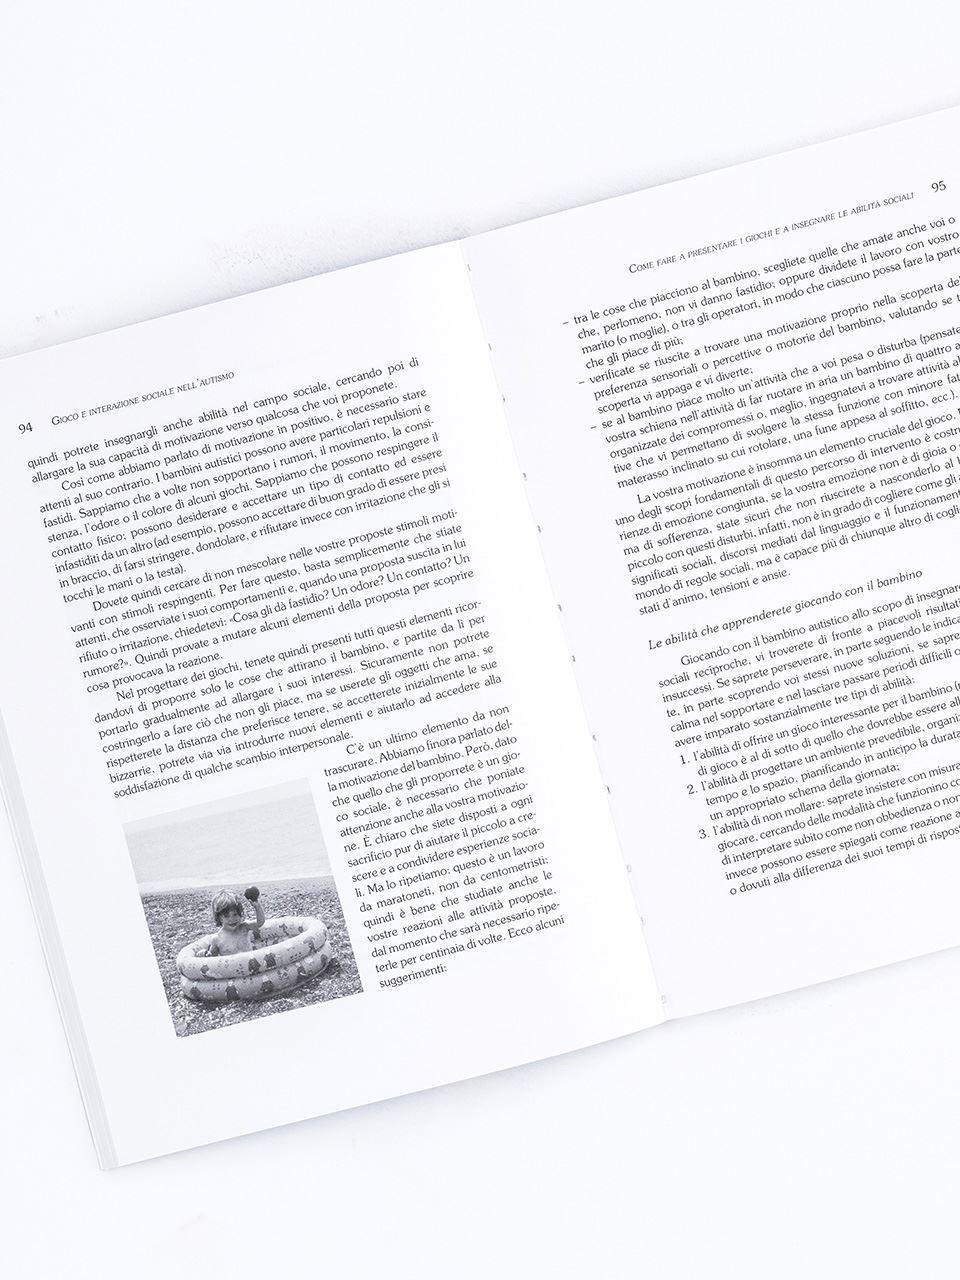 Gioco e interazione sociale nell'autismo - Libri - Erickson 2